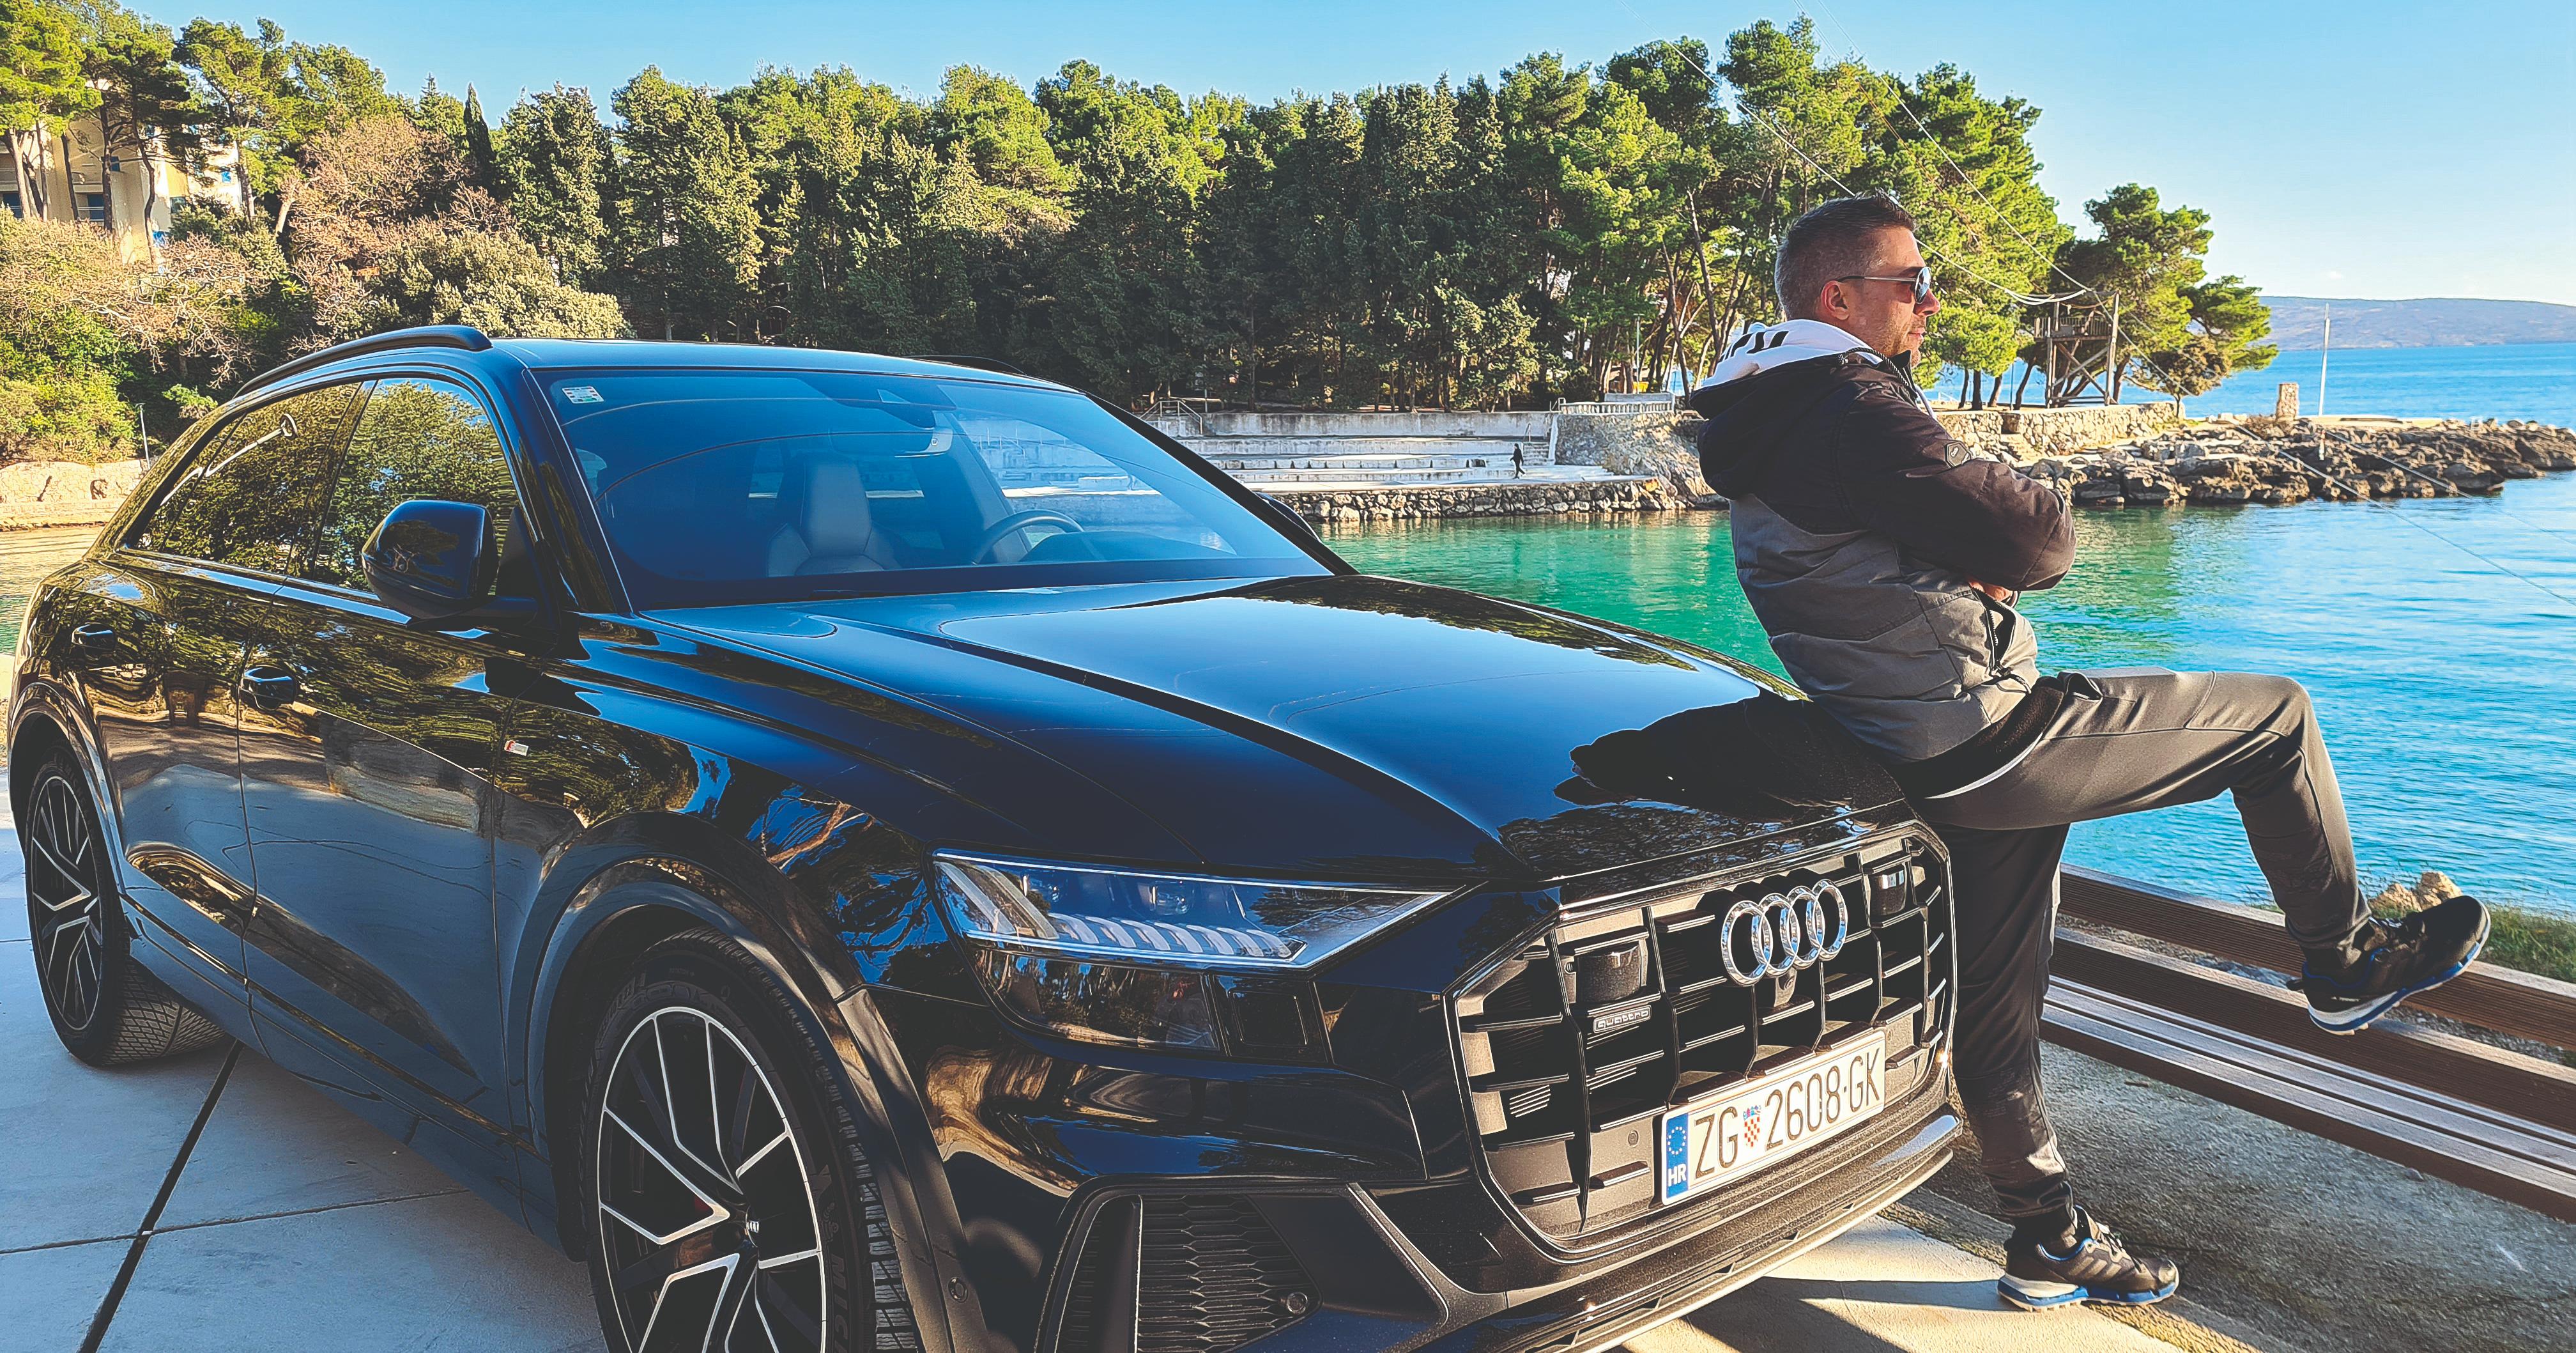 JAN GOSPODNETIĆ: Zadnji auto koji sam osigurao bio je vrijedan malo manje od 2 milijuna kuna, srećom sam od tvrtke za vikend dobio Audi Q8 za utjehu!